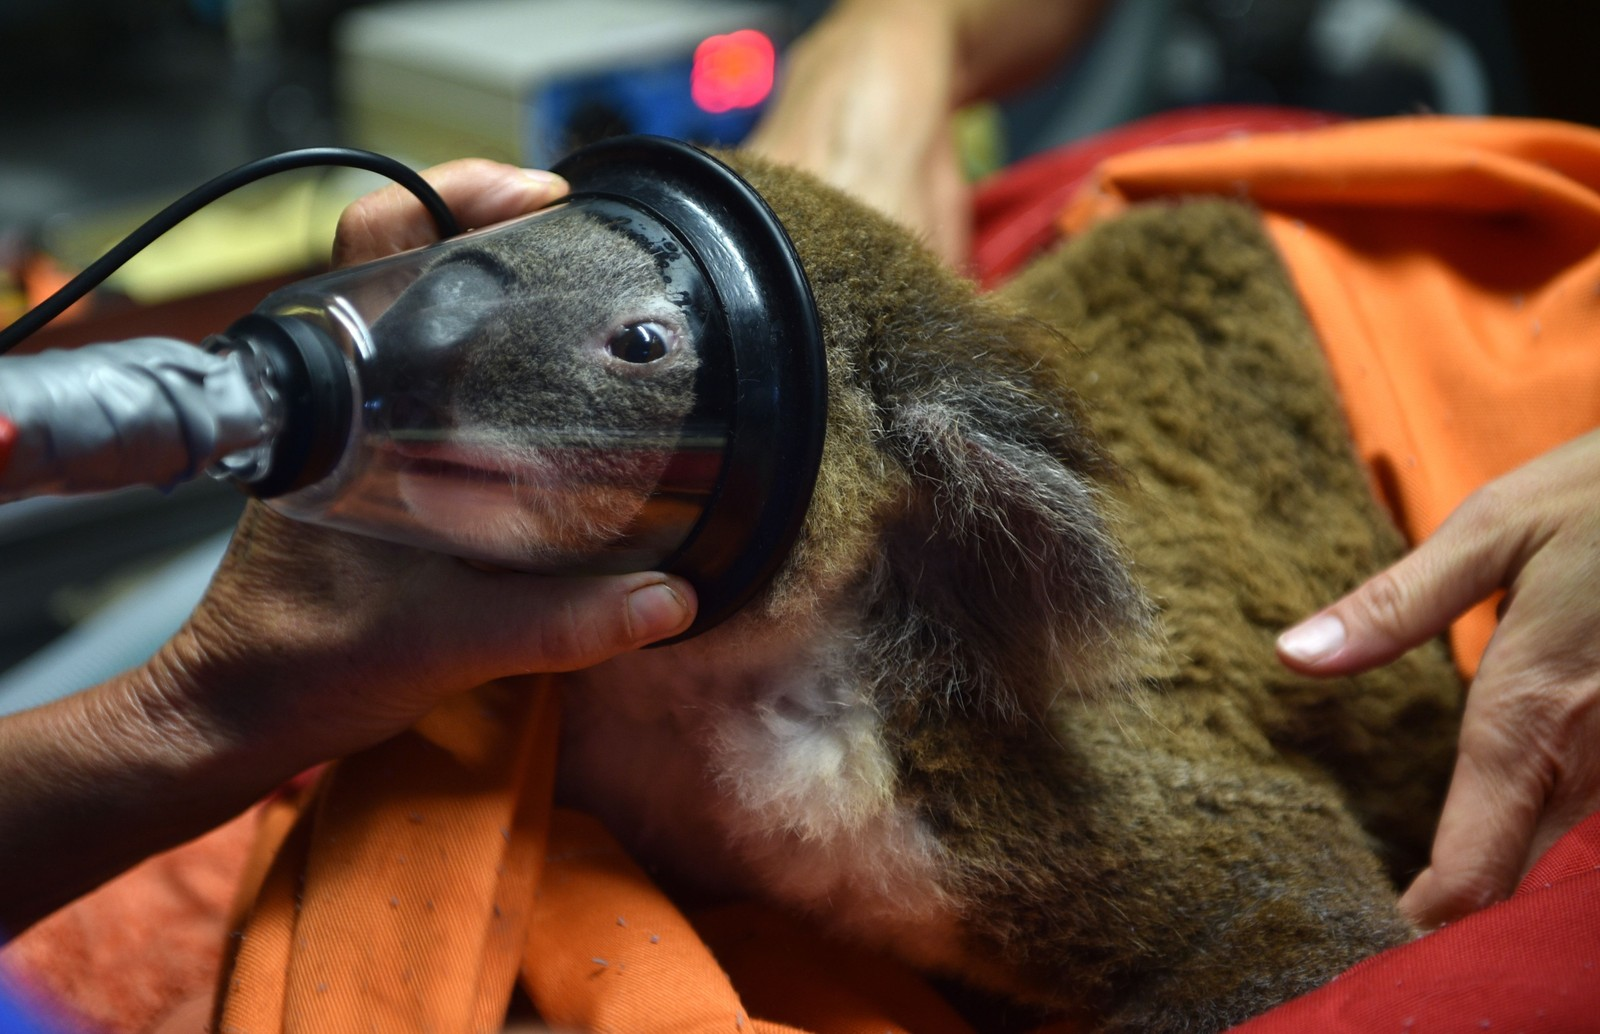 Den 12 år gamle koalabjørnen Sherwood Robyn får bedøvelse før en undersøkelse ved koalaklinikken i Port Macquarie. Koalabestanden i Australia synker og i 2012 var det rundt 330.000 koalaer. Før britene ankom Australia skal det ha vært over 10 millioner av arten. Klimaendringer, hundeangrep, påkjørsler, sykdom er årsaken til den minkende bestanden.